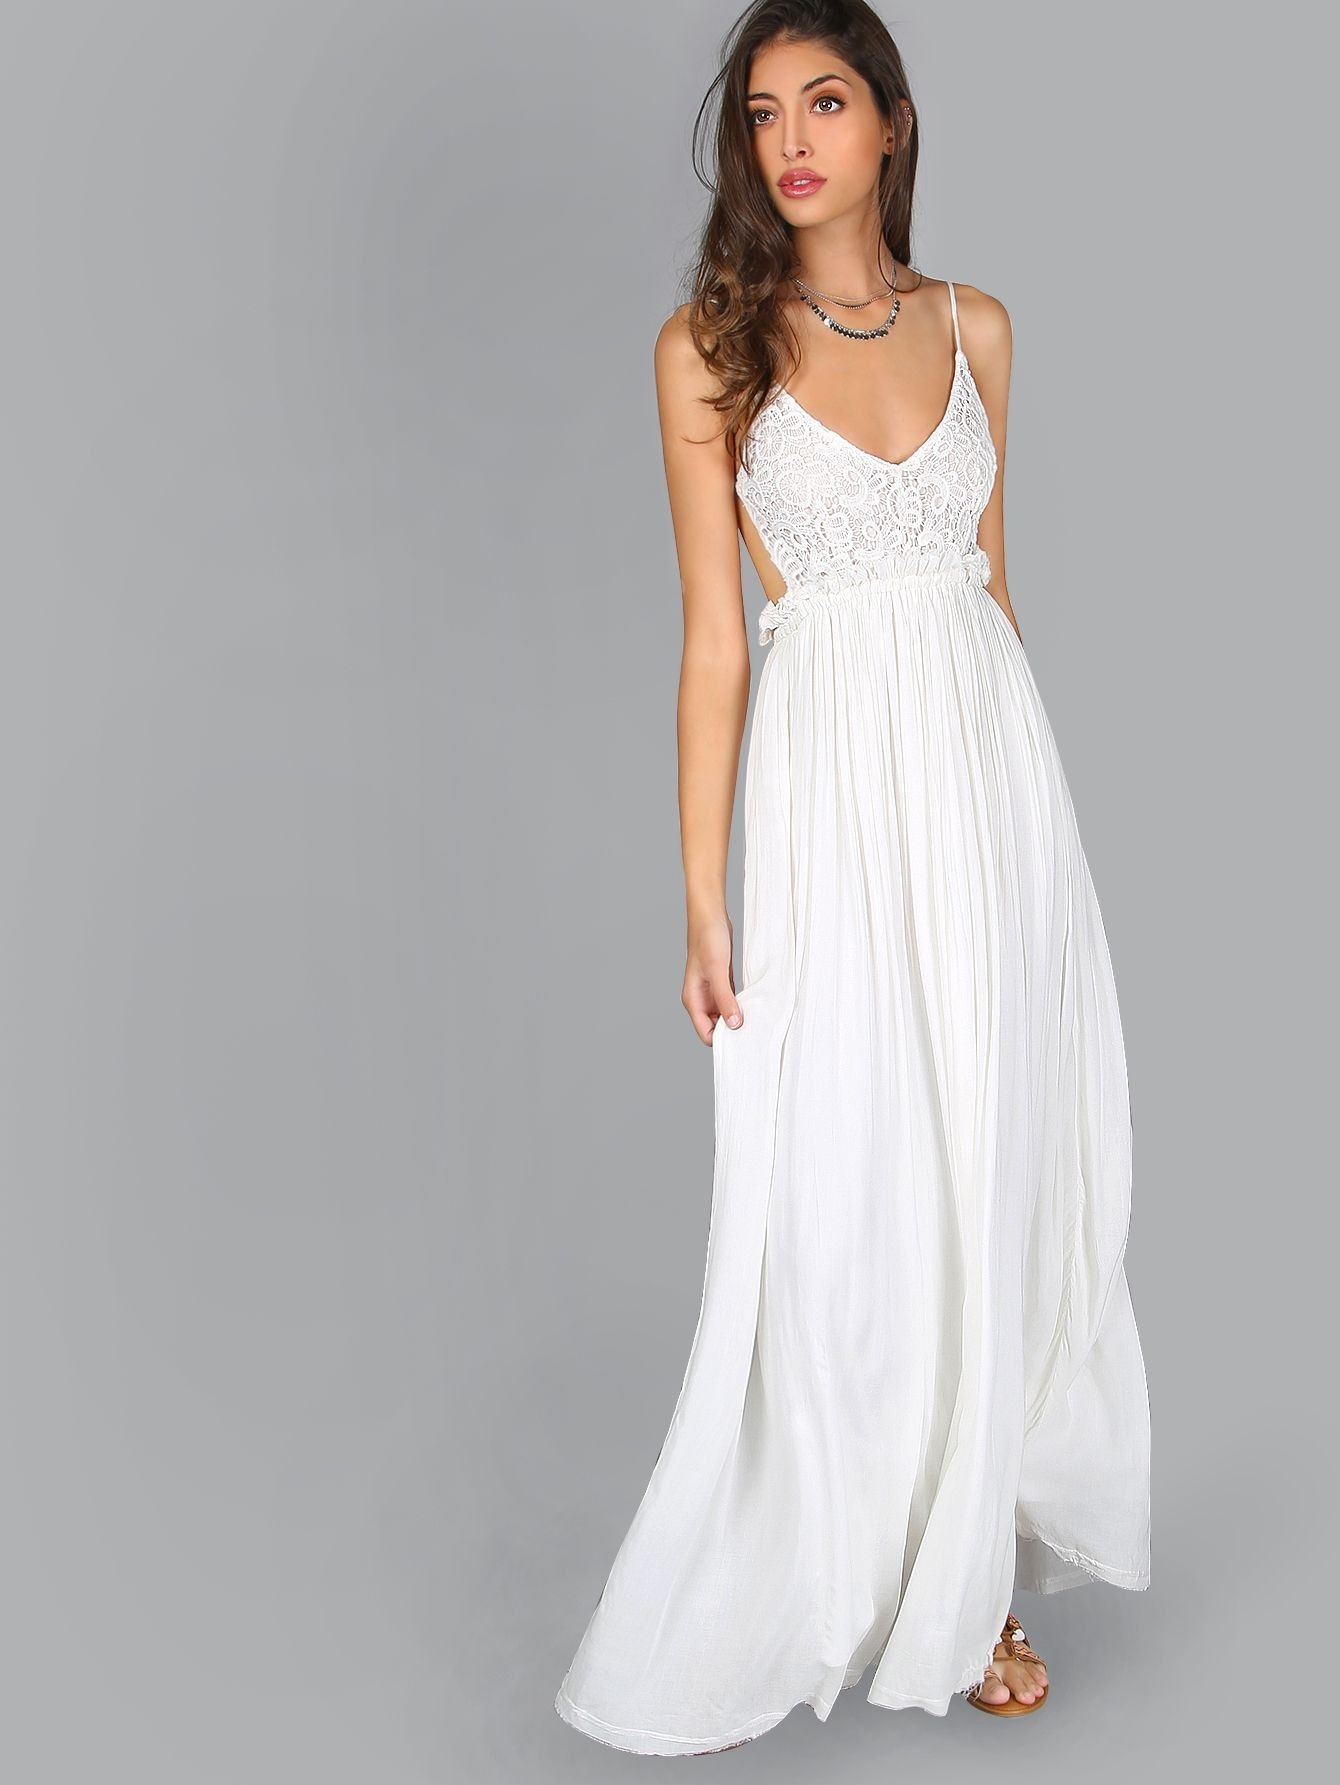 Formal Elegant Kleid Lang Mit Spitze SpezialgebietDesigner Cool Kleid Lang Mit Spitze Design